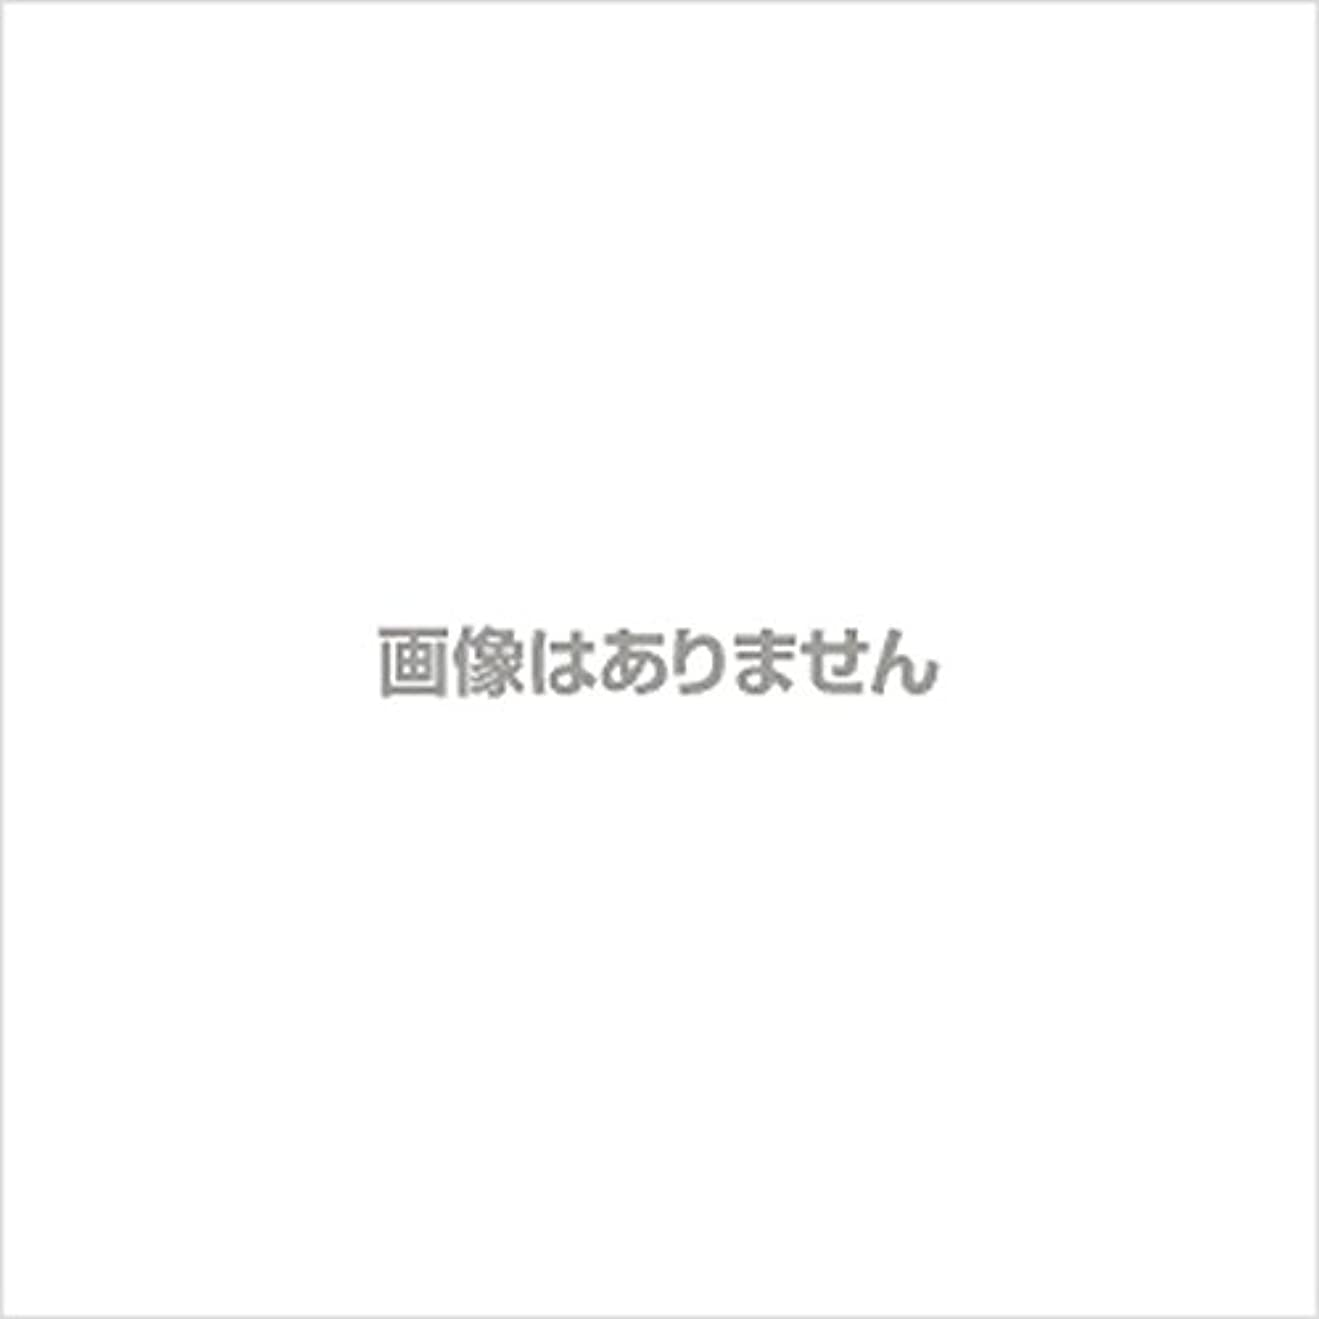 物質準拠ひどくニュージャスト ヘルパーグローブ S(500枚入) 【商品コード】4010300